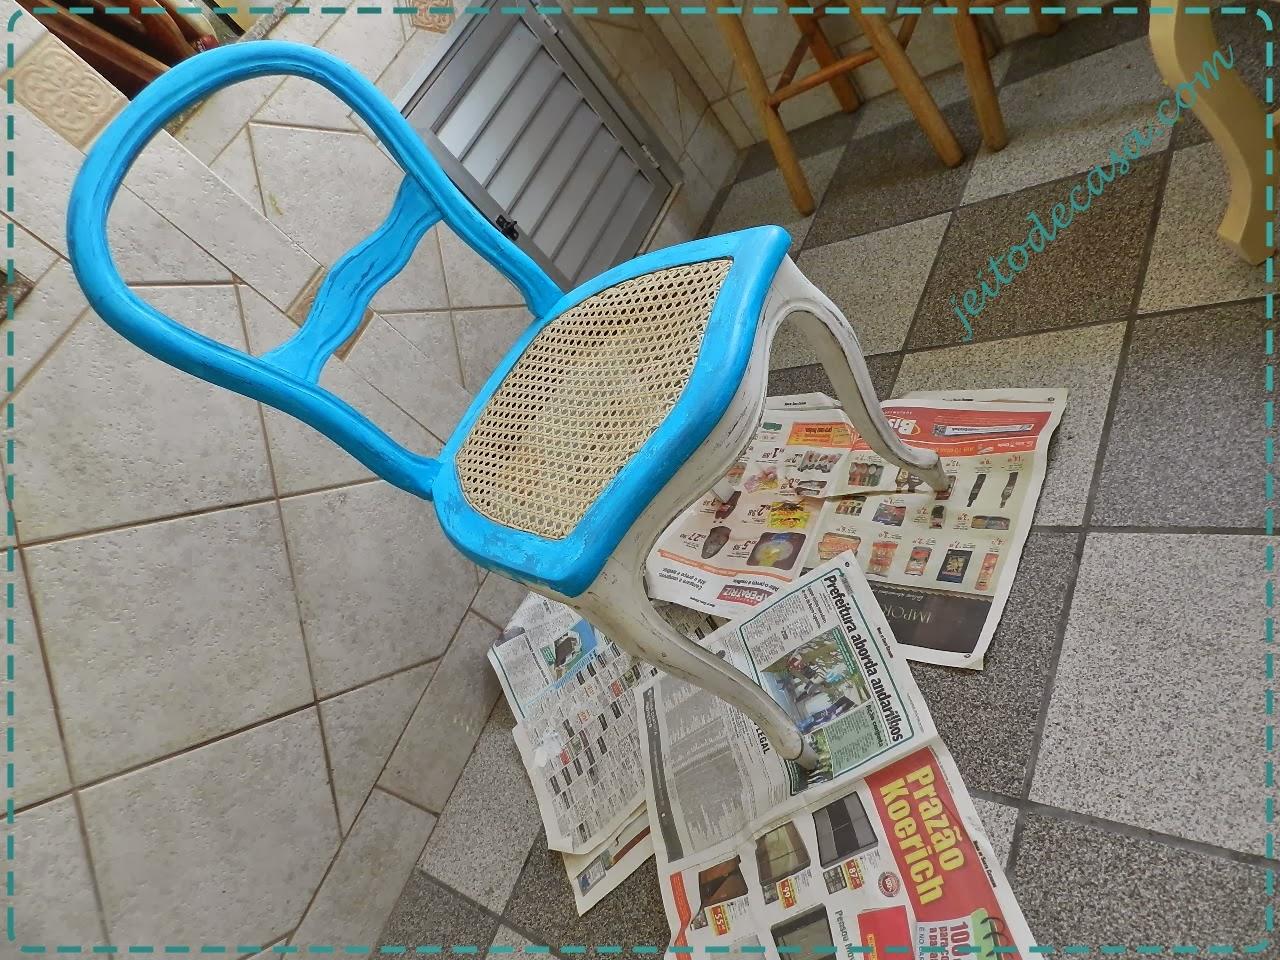 renovando a cadeira com pintura